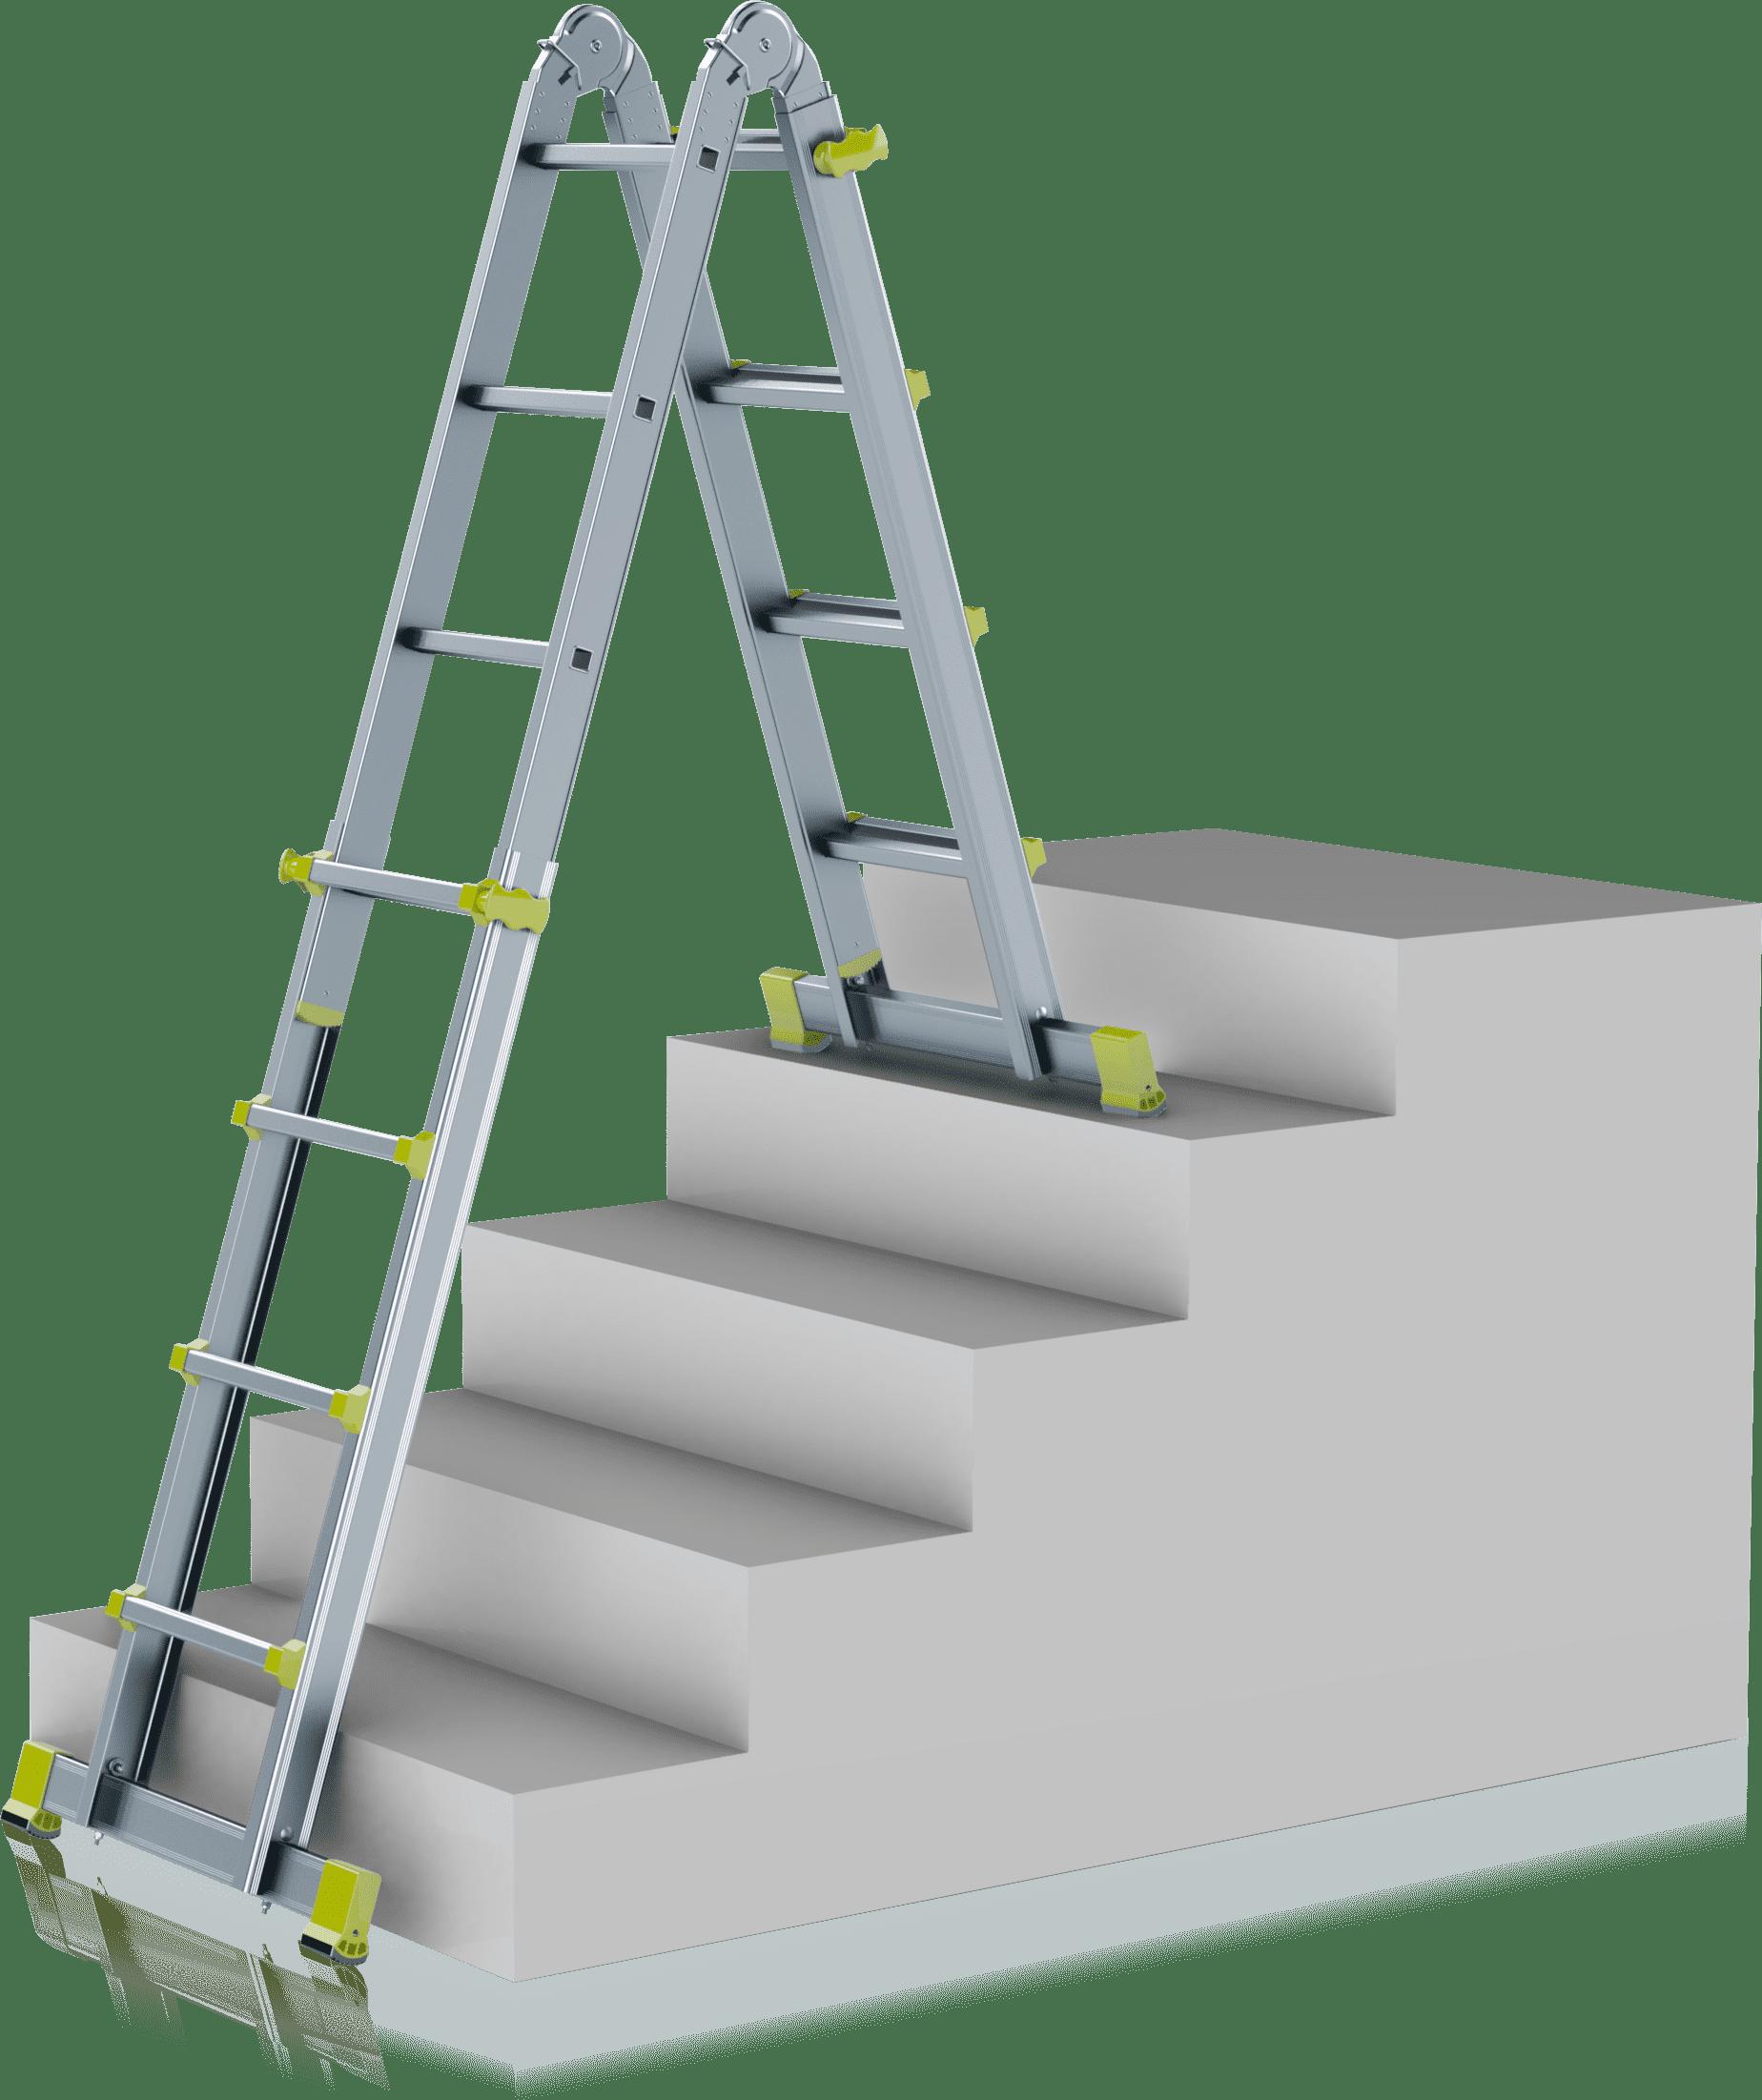 teleskopický profesionálny rebrík na schodoch